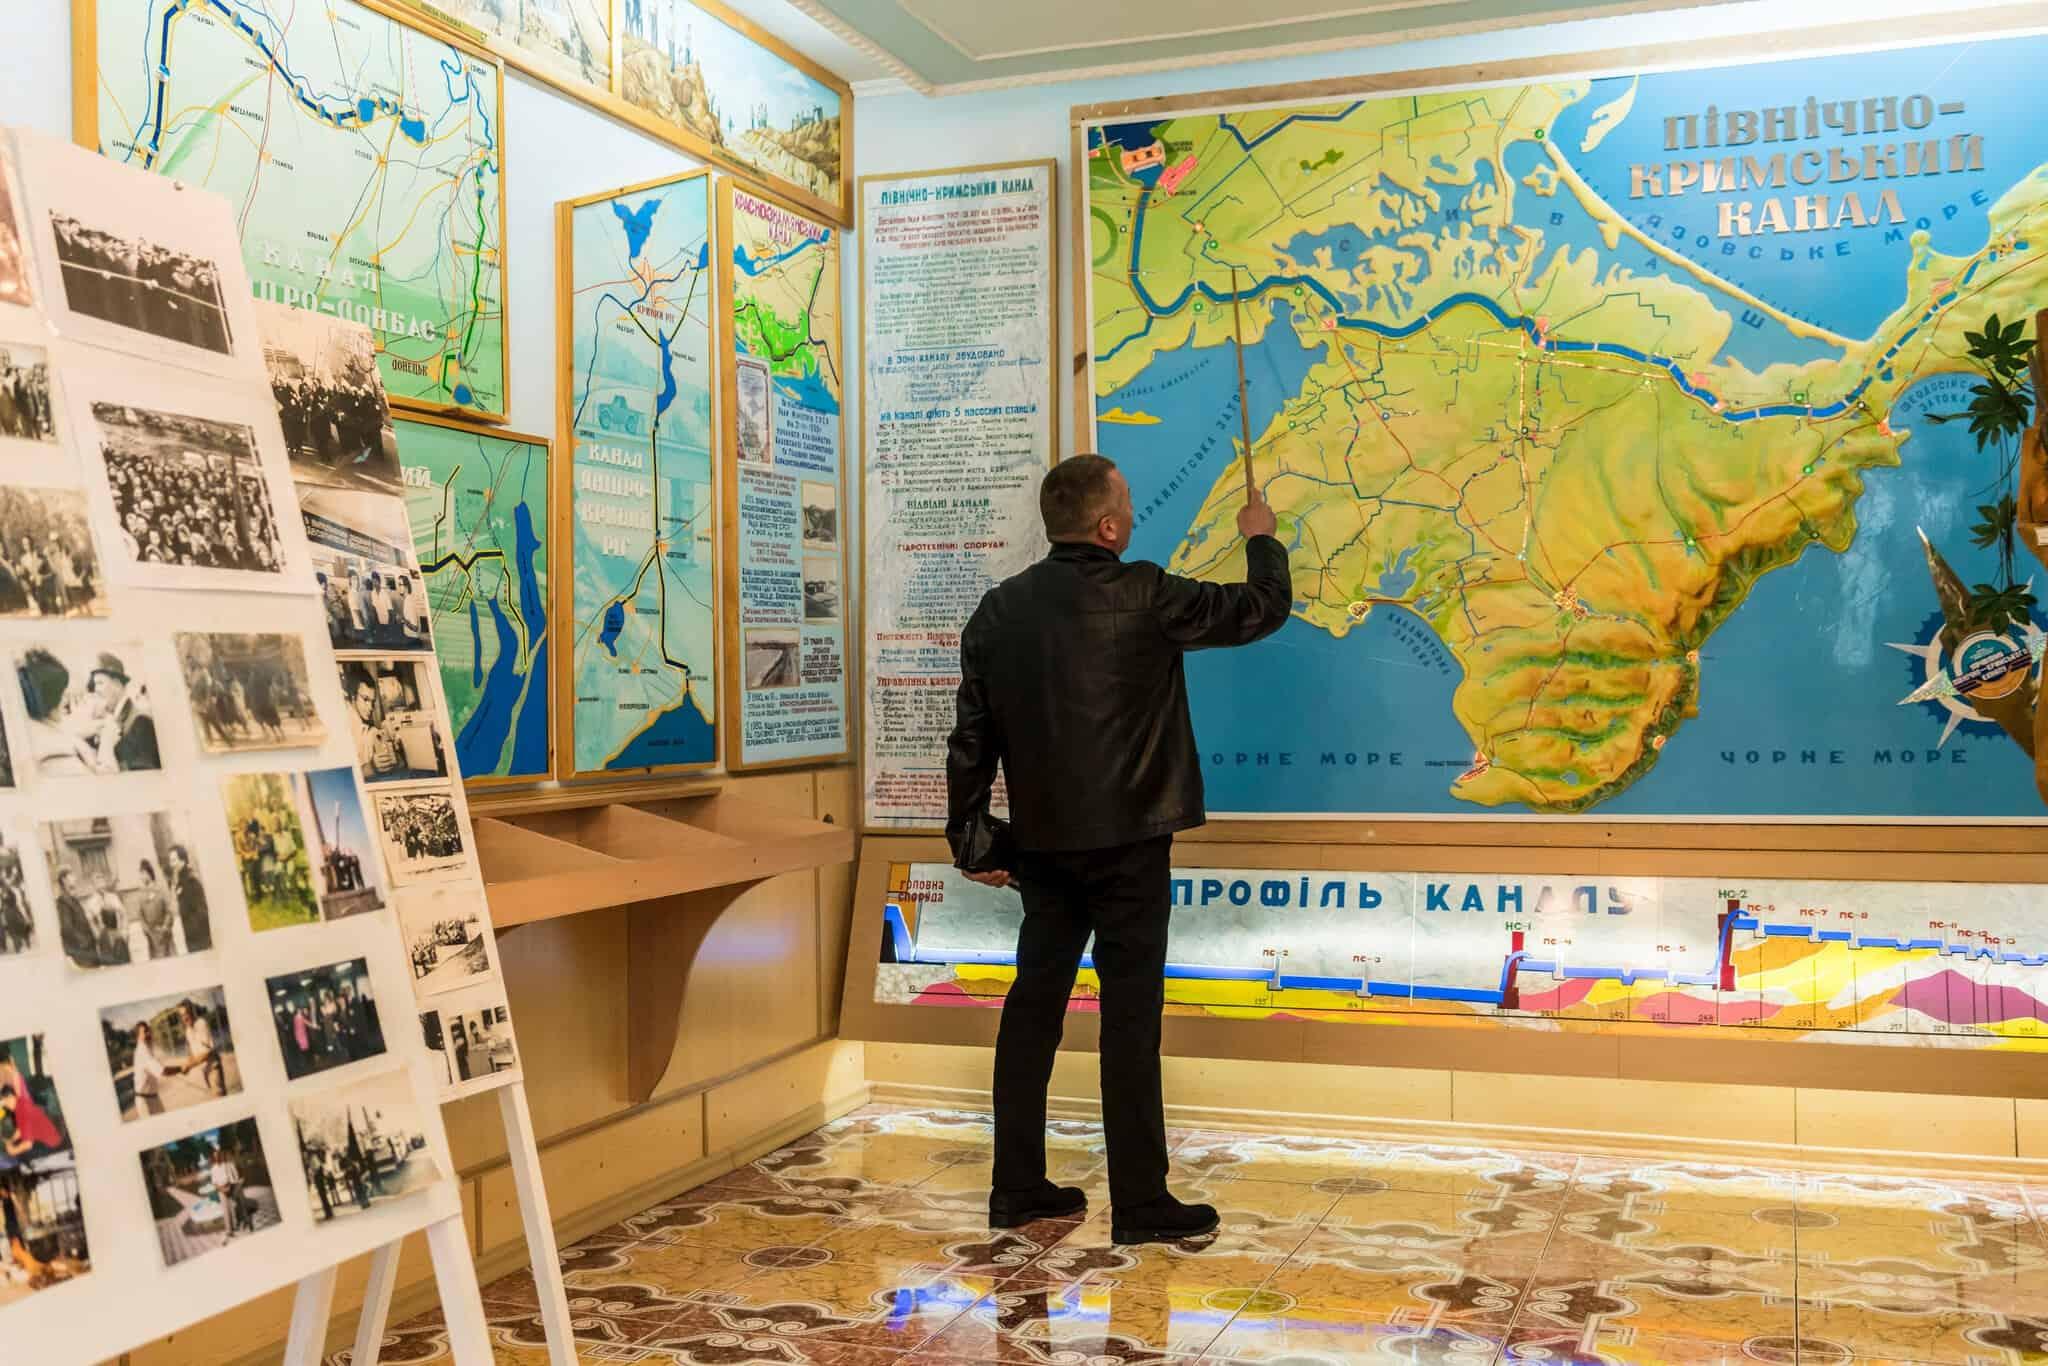 Схема канала в музее Новой Каховки.